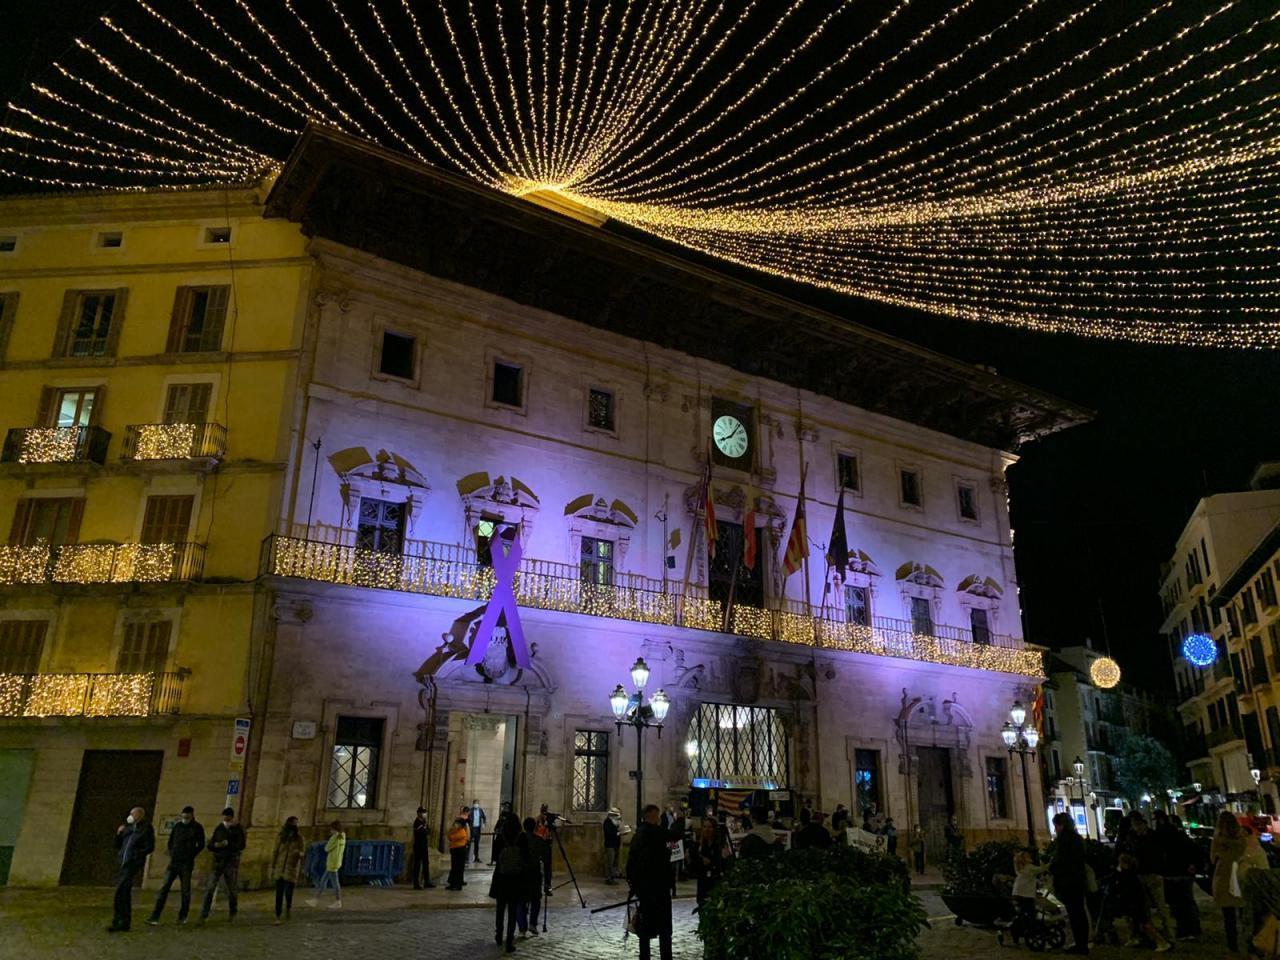 Las luces brillan en la Plaza Cort de Palma